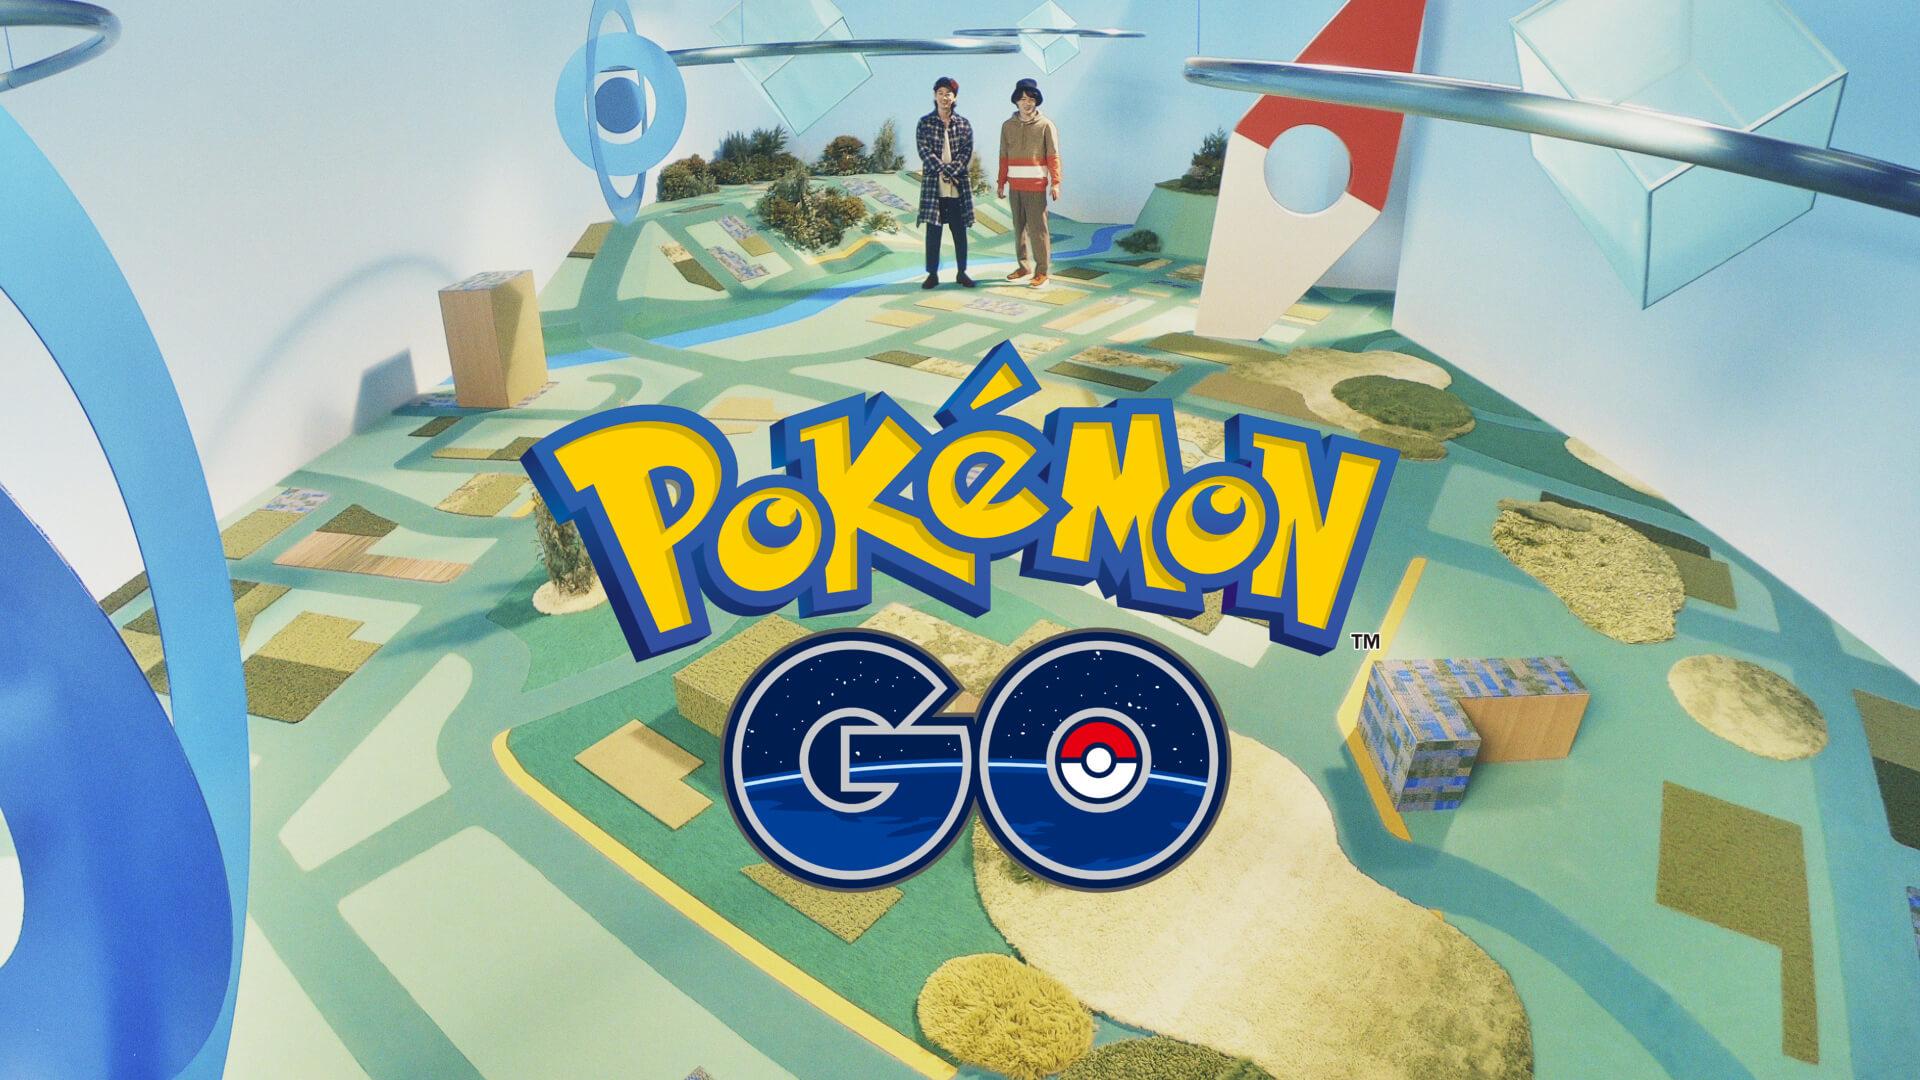 ポケモンGO Pokemon GO